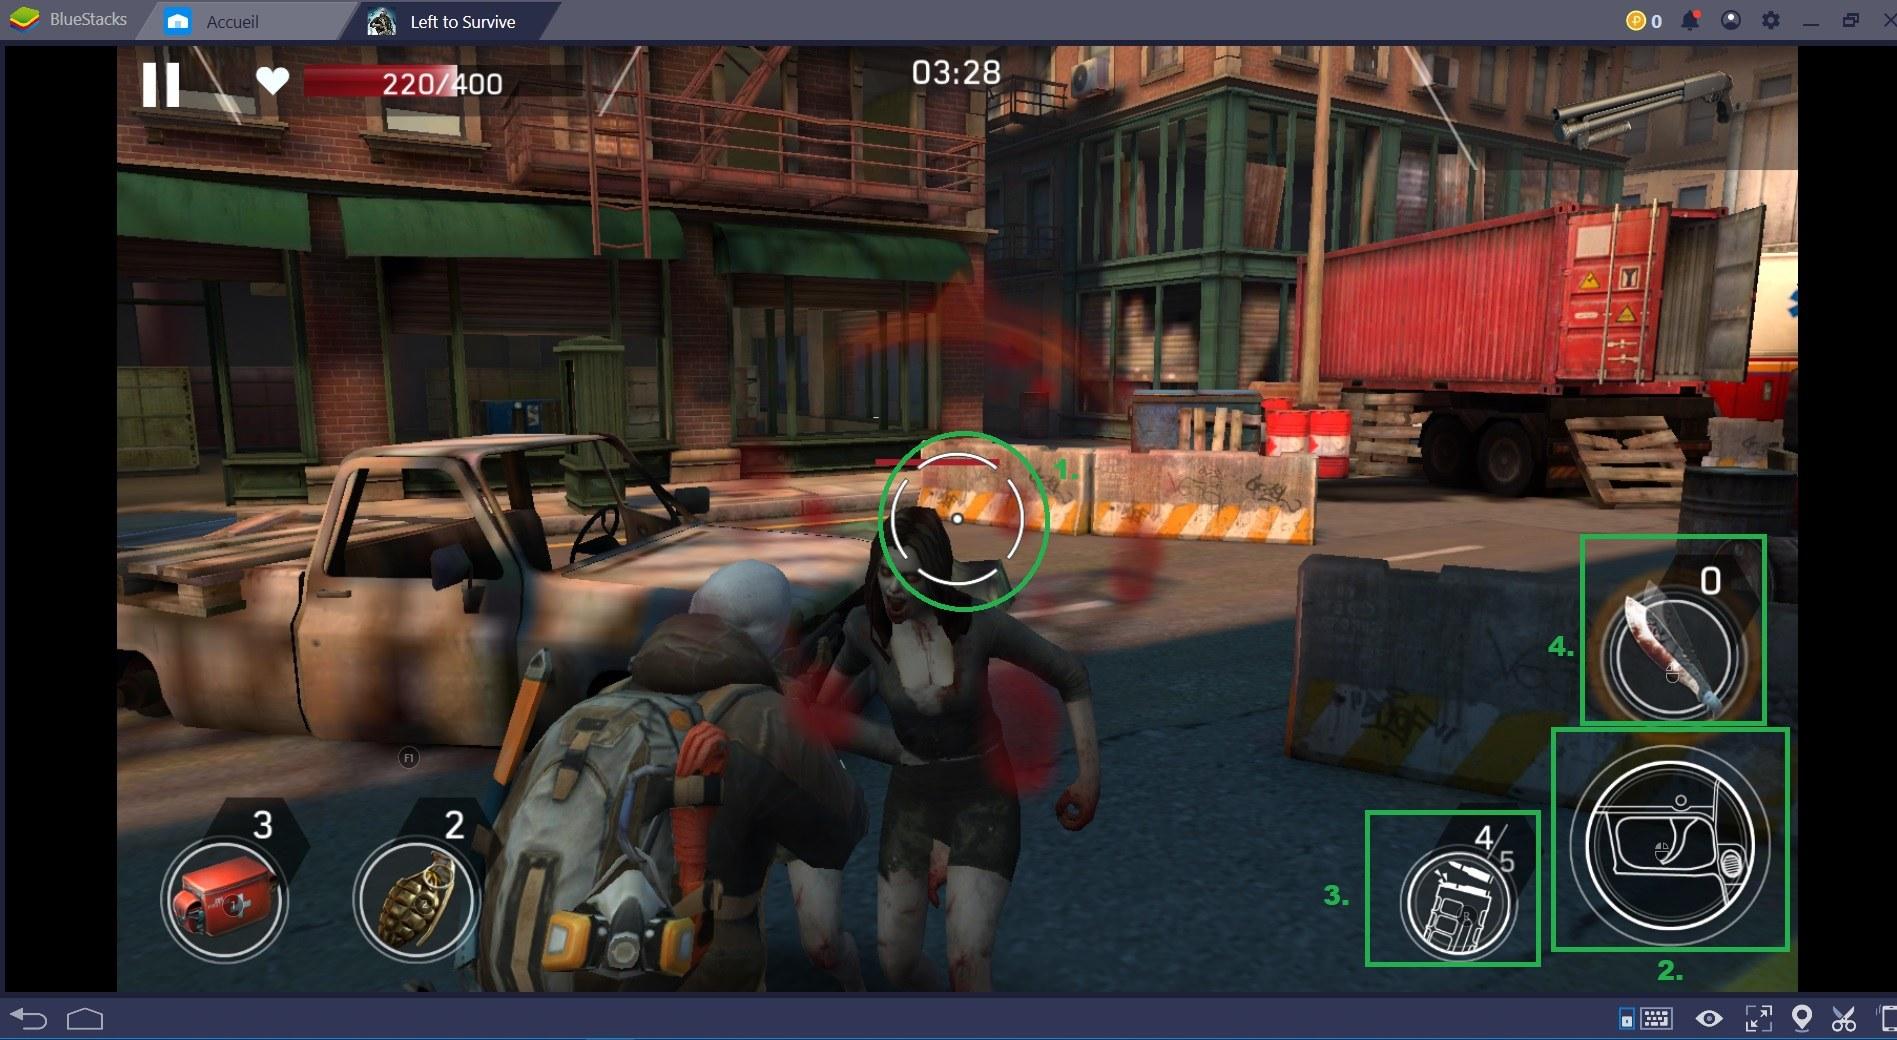 Optimiser son expérience du jeu Left to Survive grâce à BlueStacks